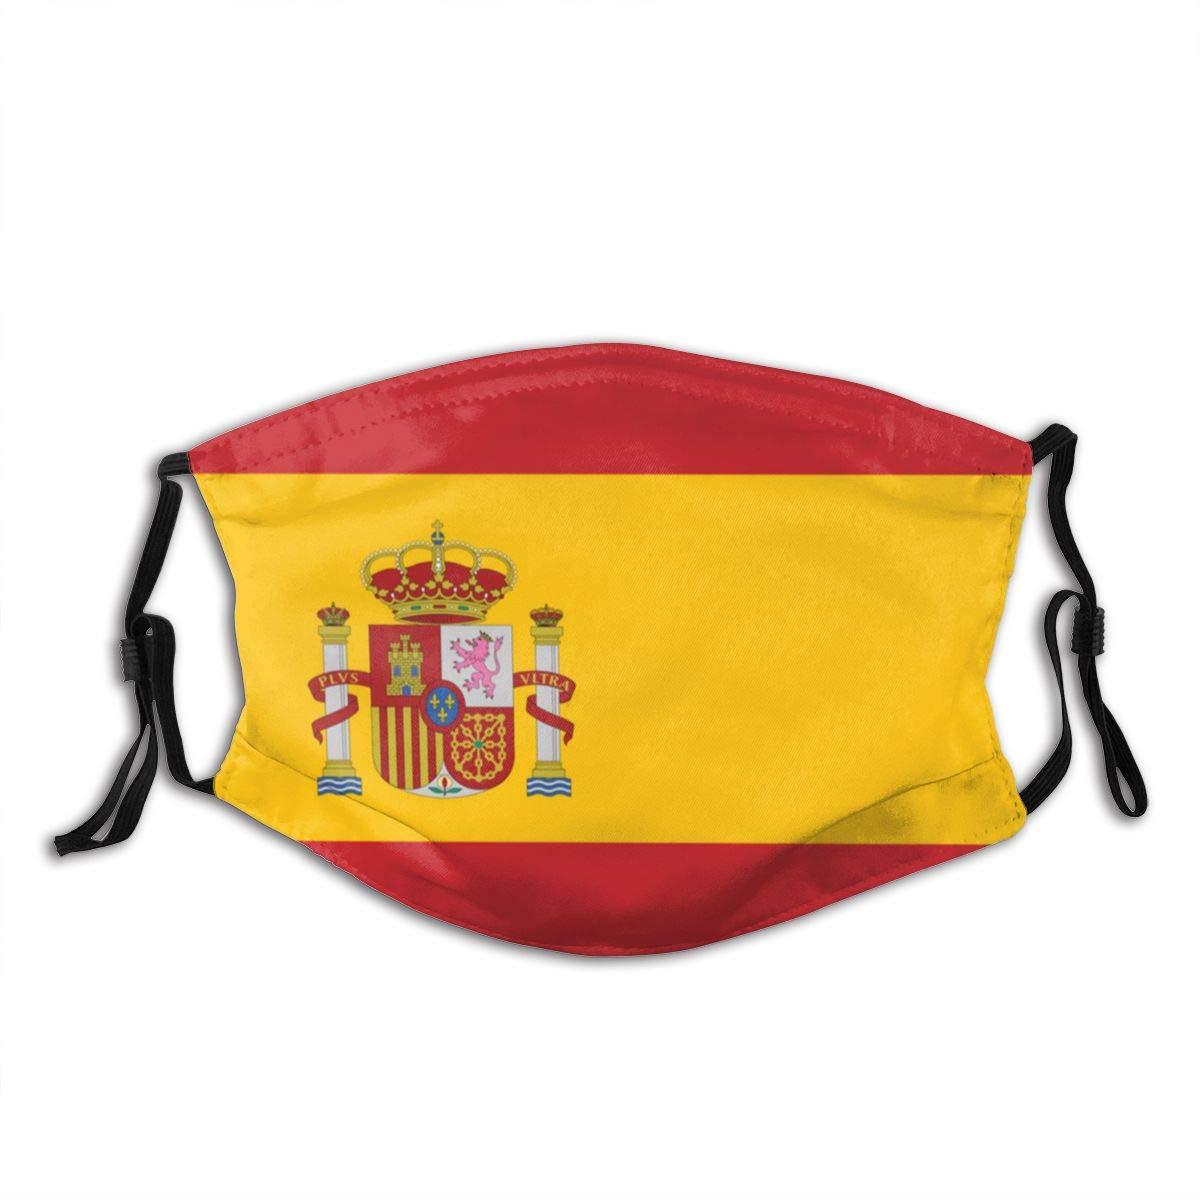 Divertida cubierta bucal a prueba de polvo lavable reutilizable bandera de España seguridad protectora cálido a prueba de viento para mujeres hombres